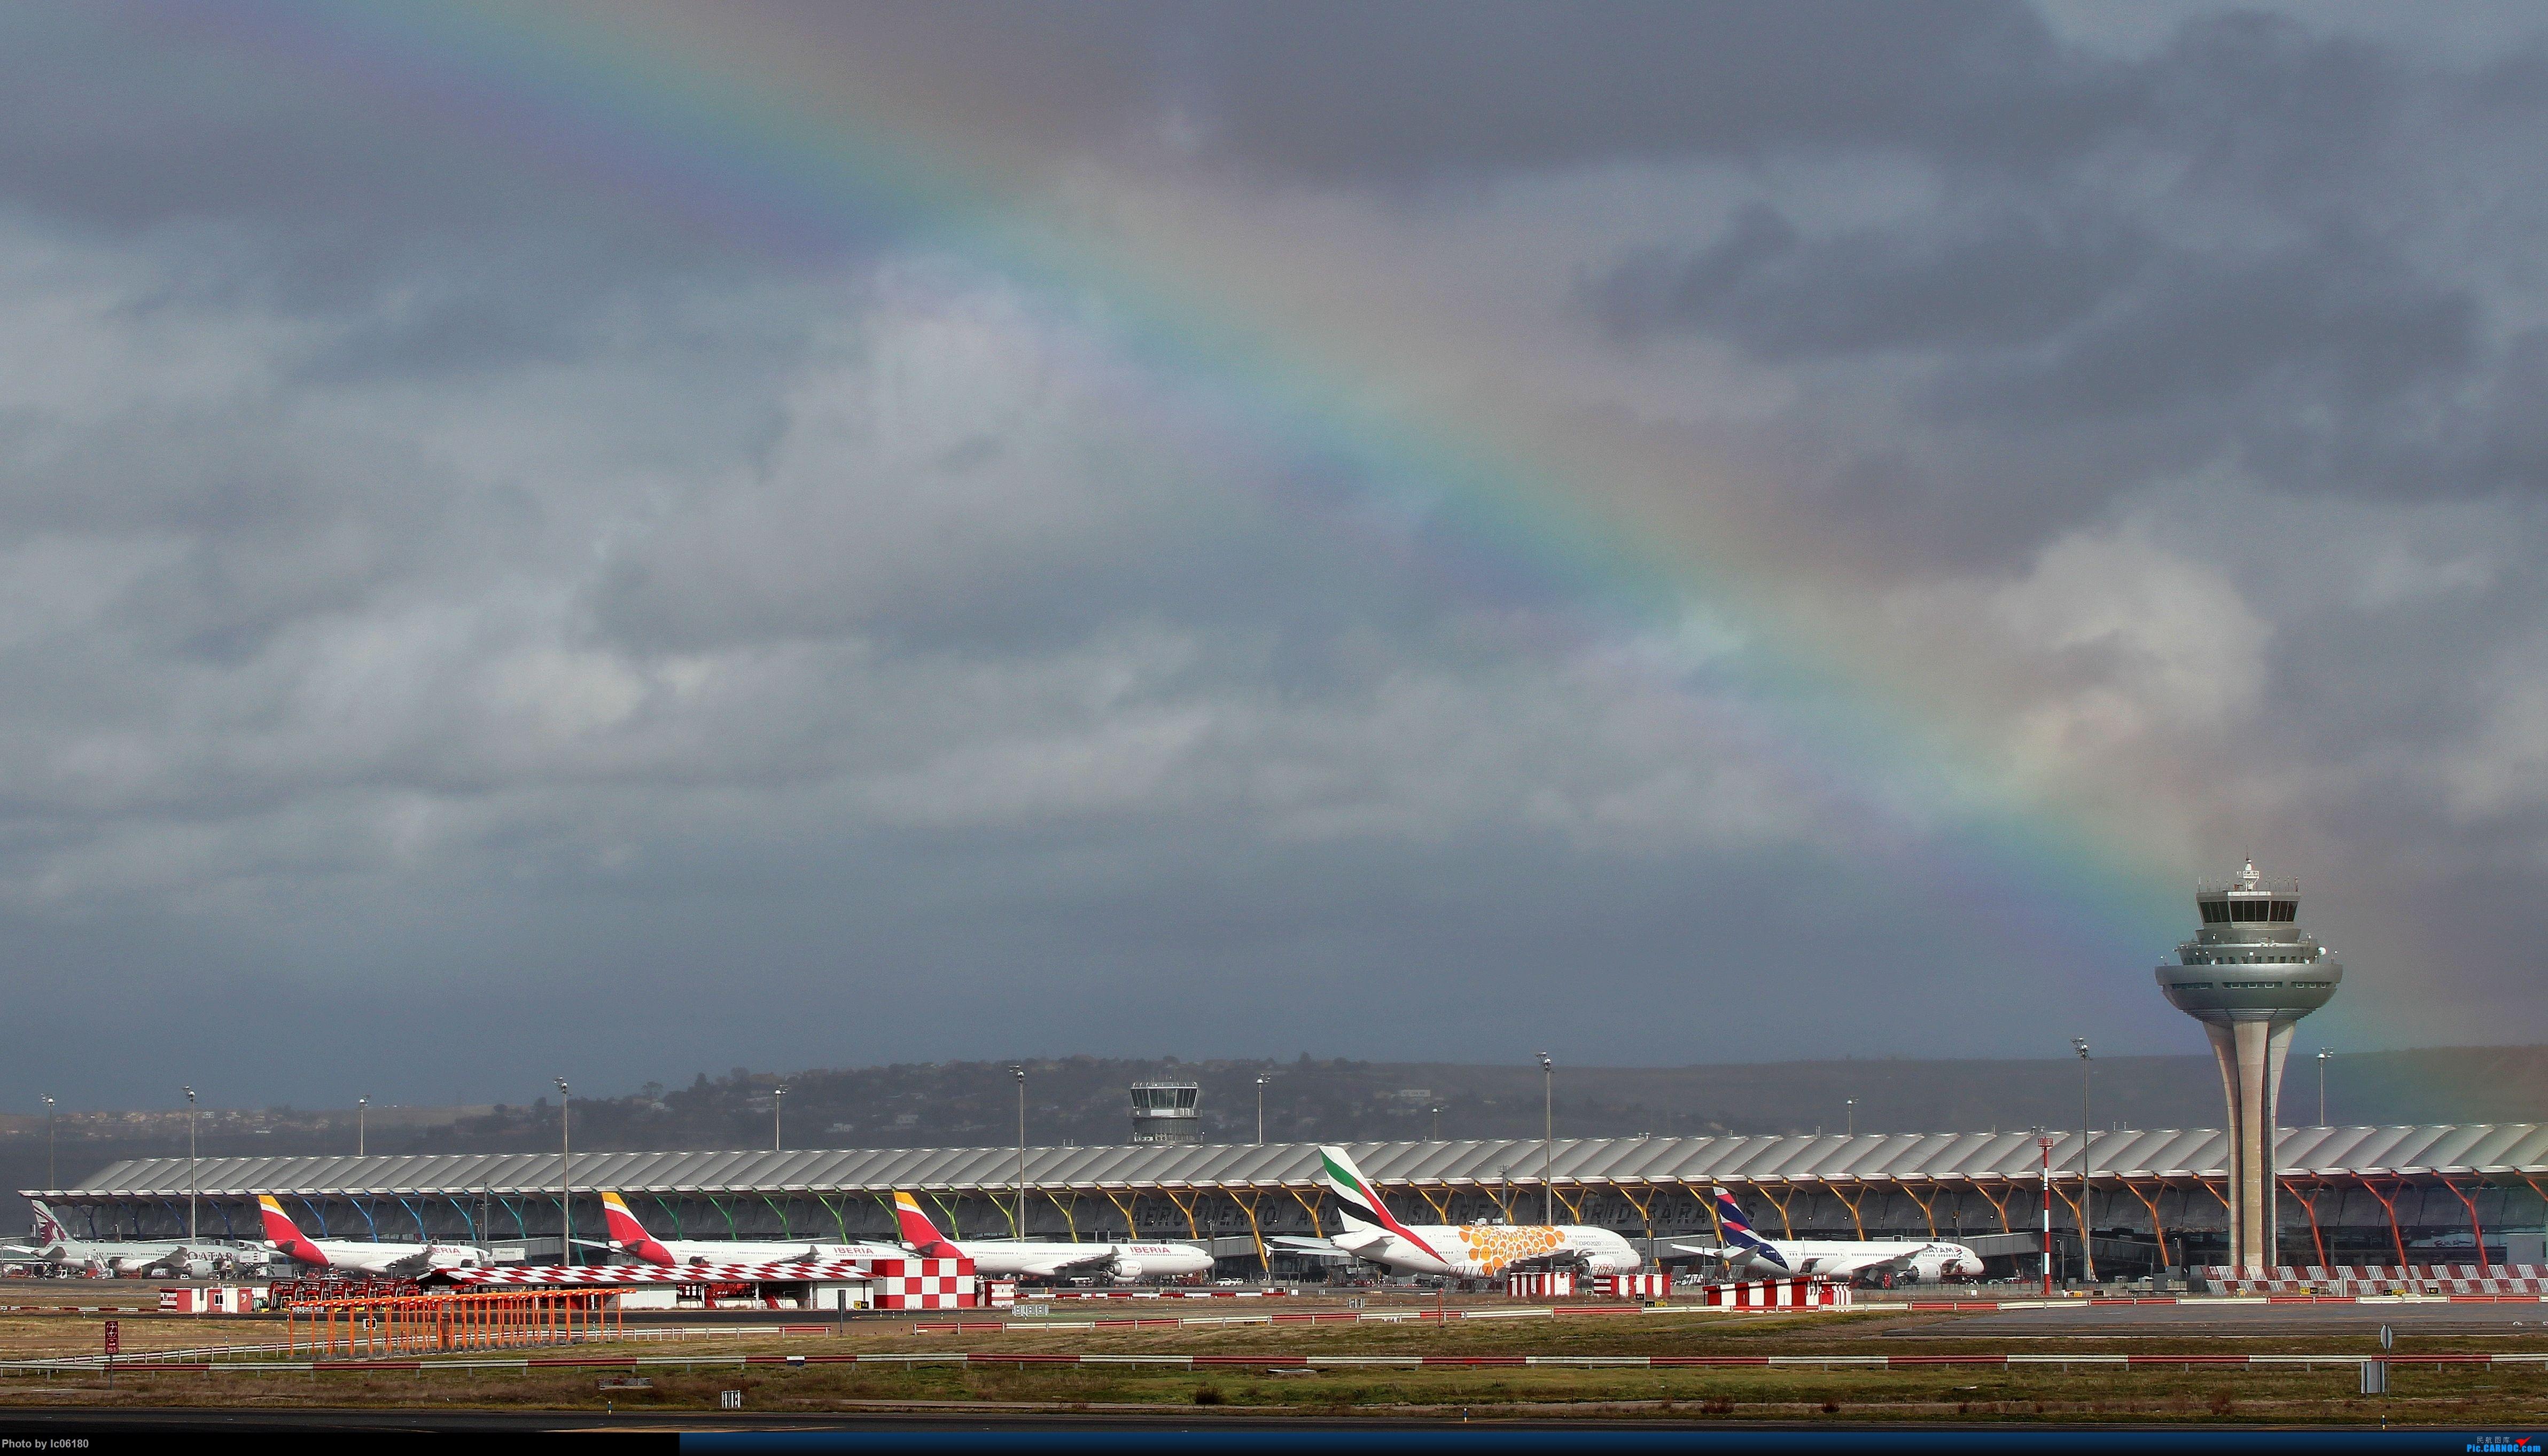 『lc06180』彩虹下的马德里机场&古巴航空IL96    西班牙马德里机场